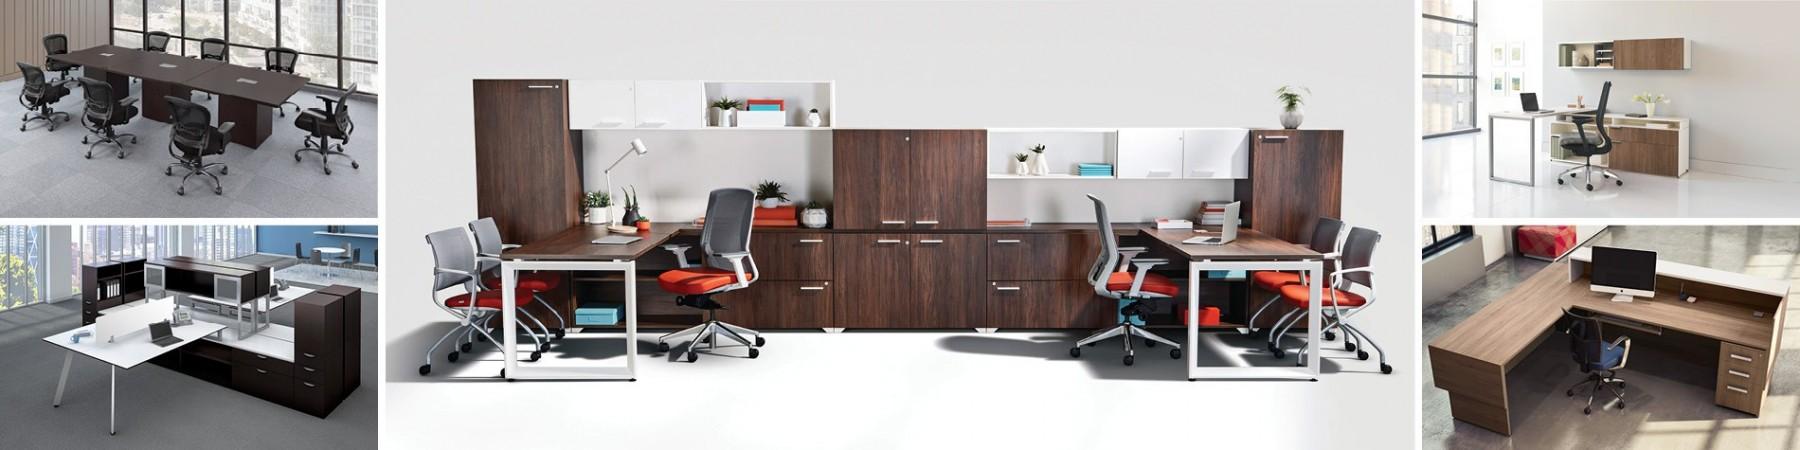 Nội thất,bàn ghế phòng lãnh đạo cao cấp,nhập khẩu chính hãng,giá rẻ